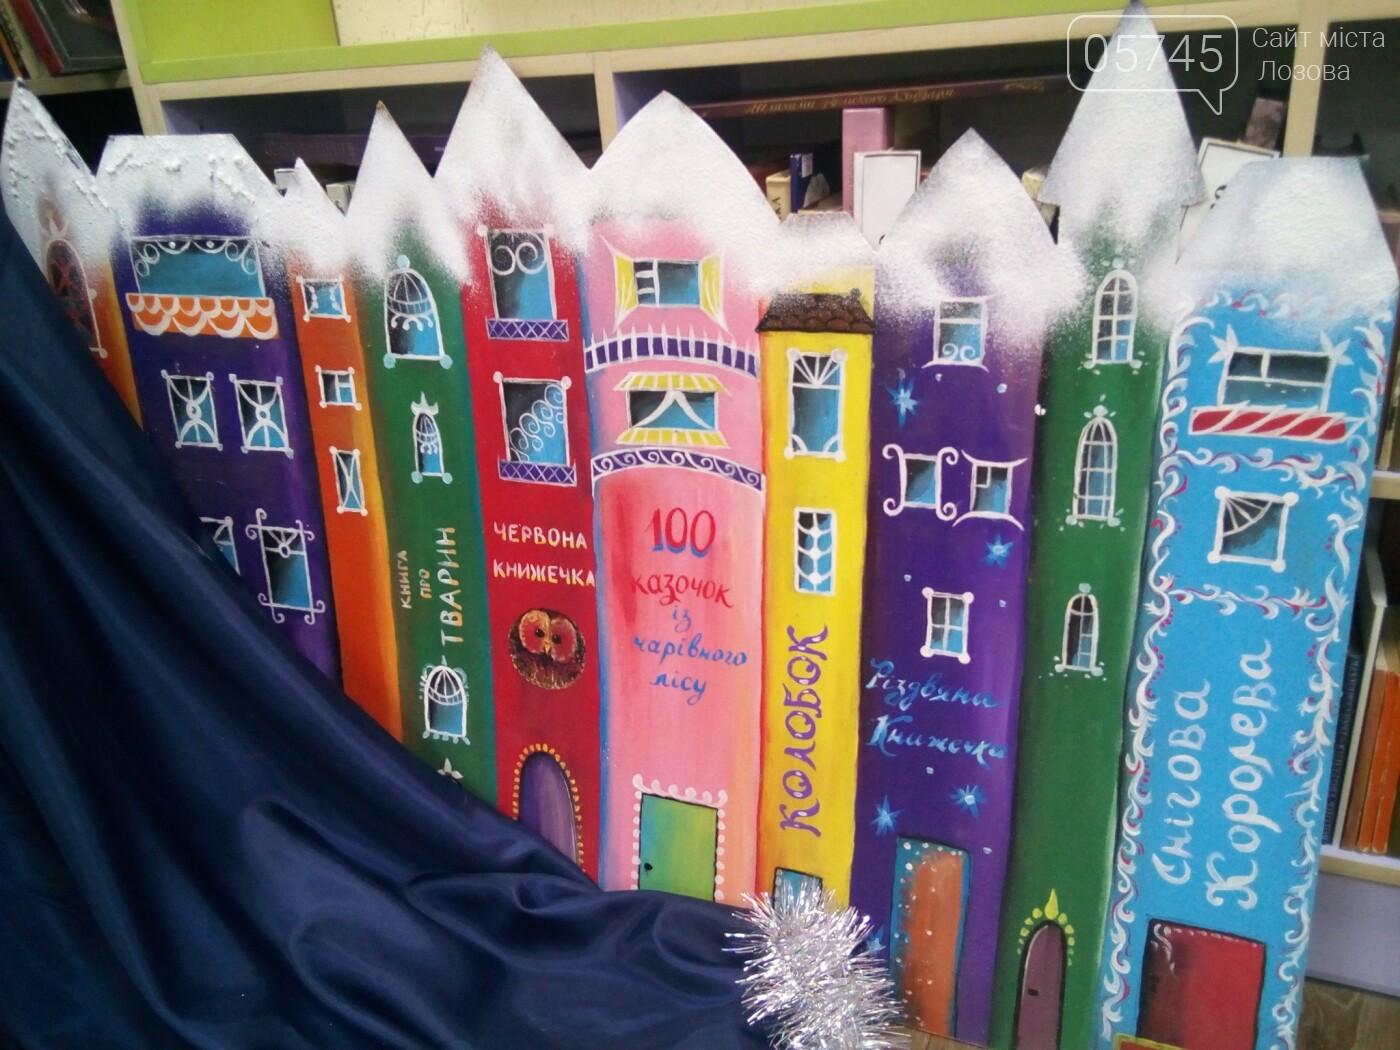 Представления, игры и подарки детям. Как на Лозовщине отметили День святого Николая, фото-13